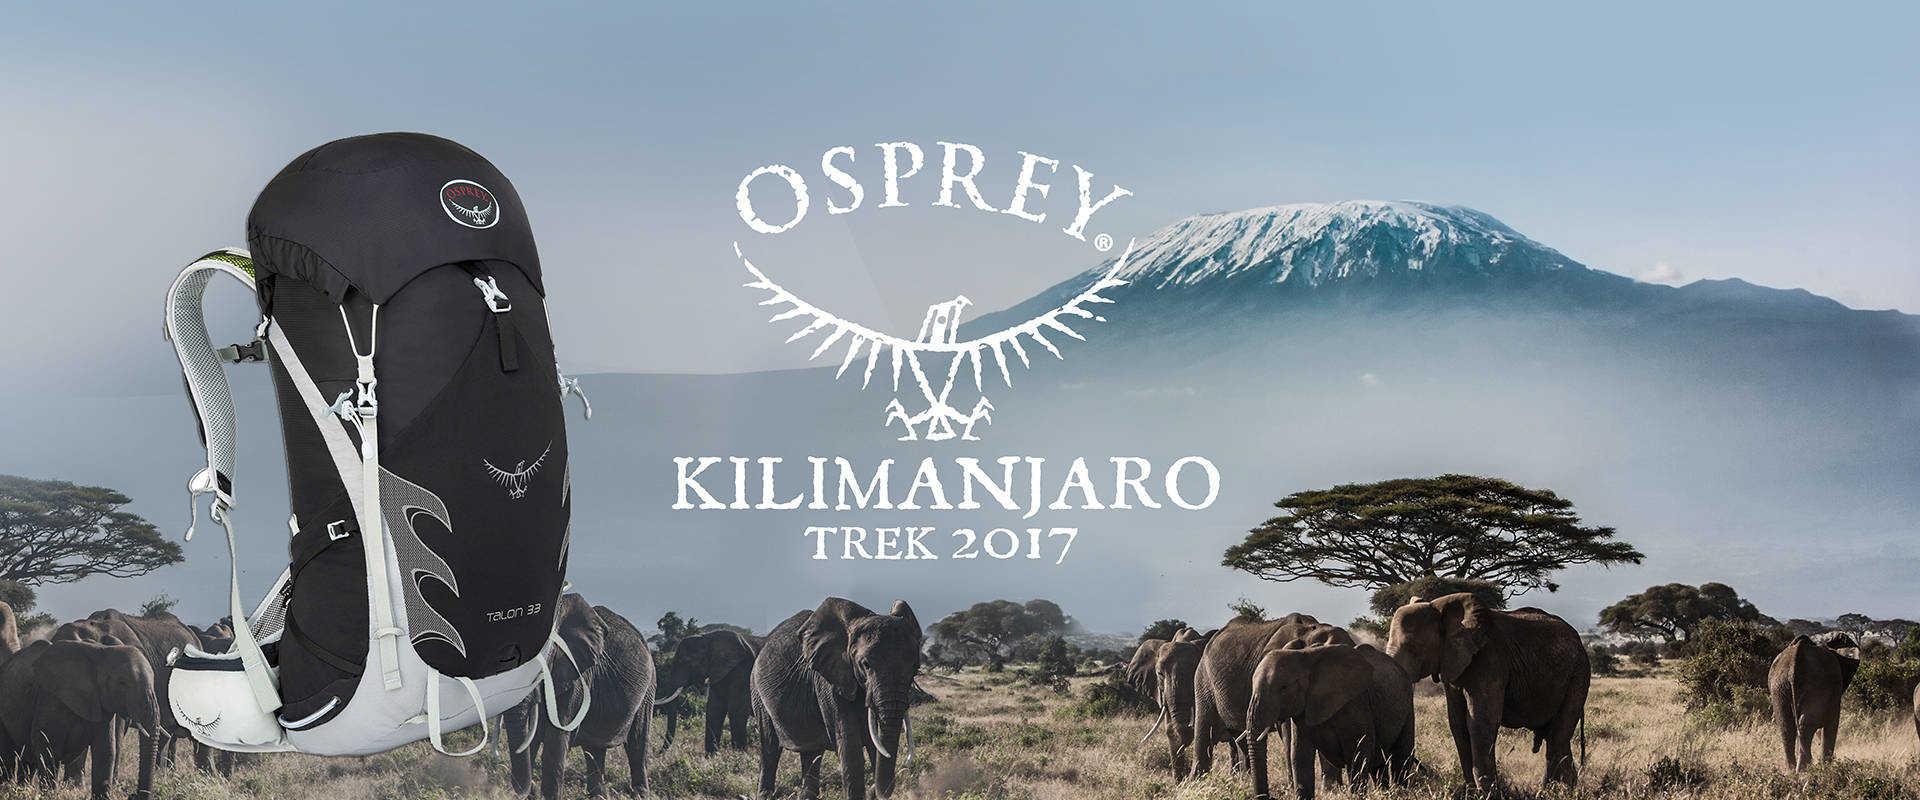 Osprey Kilimanjaro trek